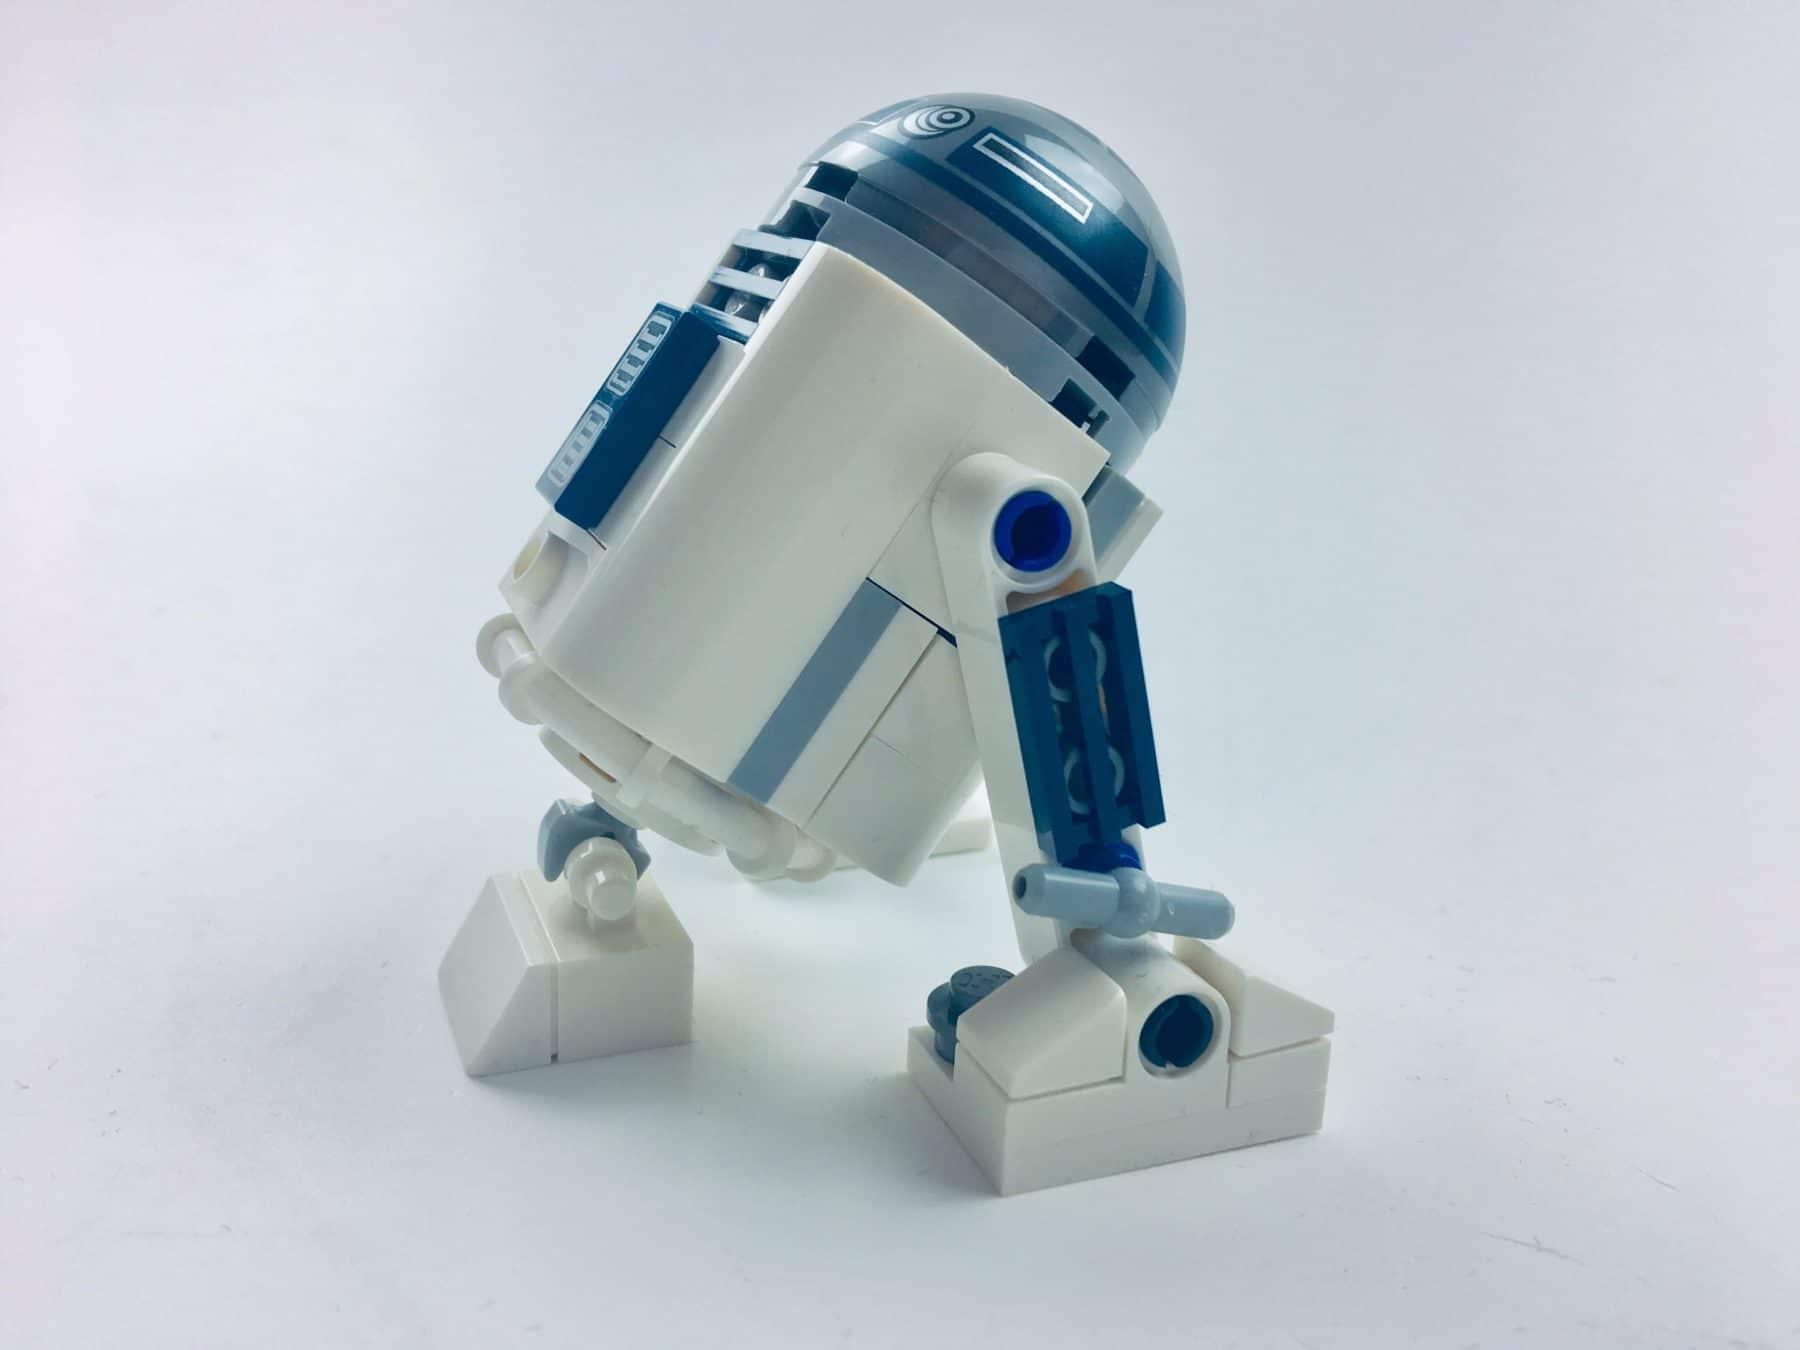 LEGO 30611 R2-D2 von der Seite